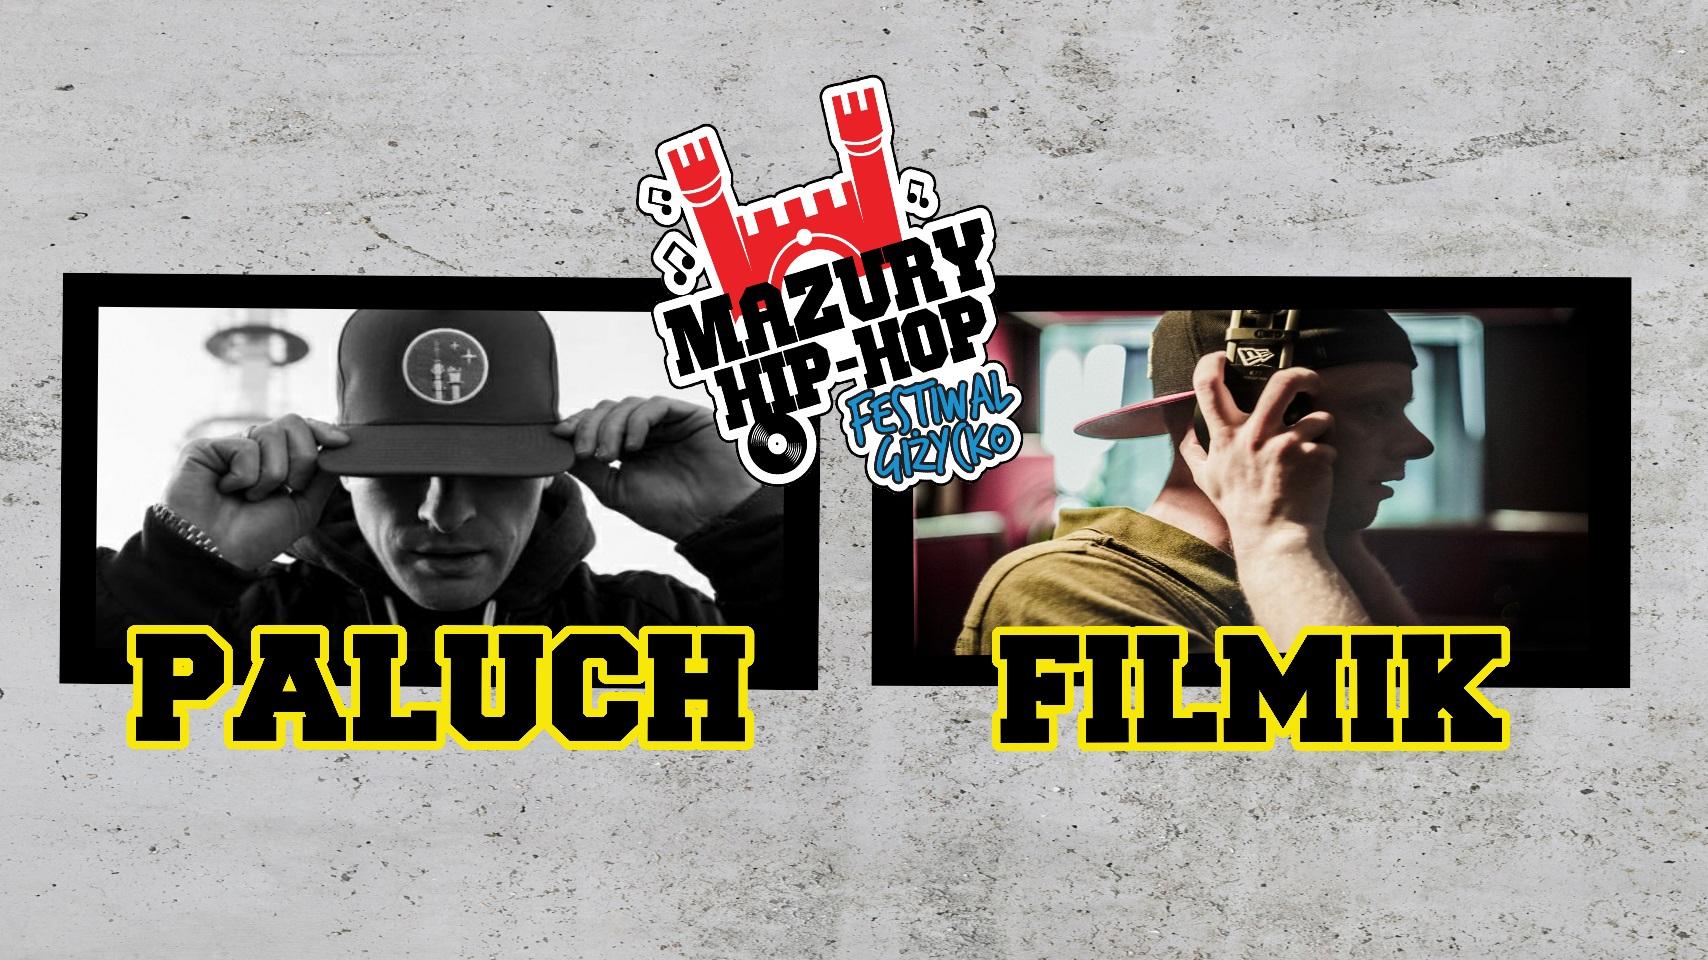 Na XVI odsłonie Mazury Hip Hop Festiwal wystąpią również Paluch oraz litewski raper polskiego pochodzenia -Flimik